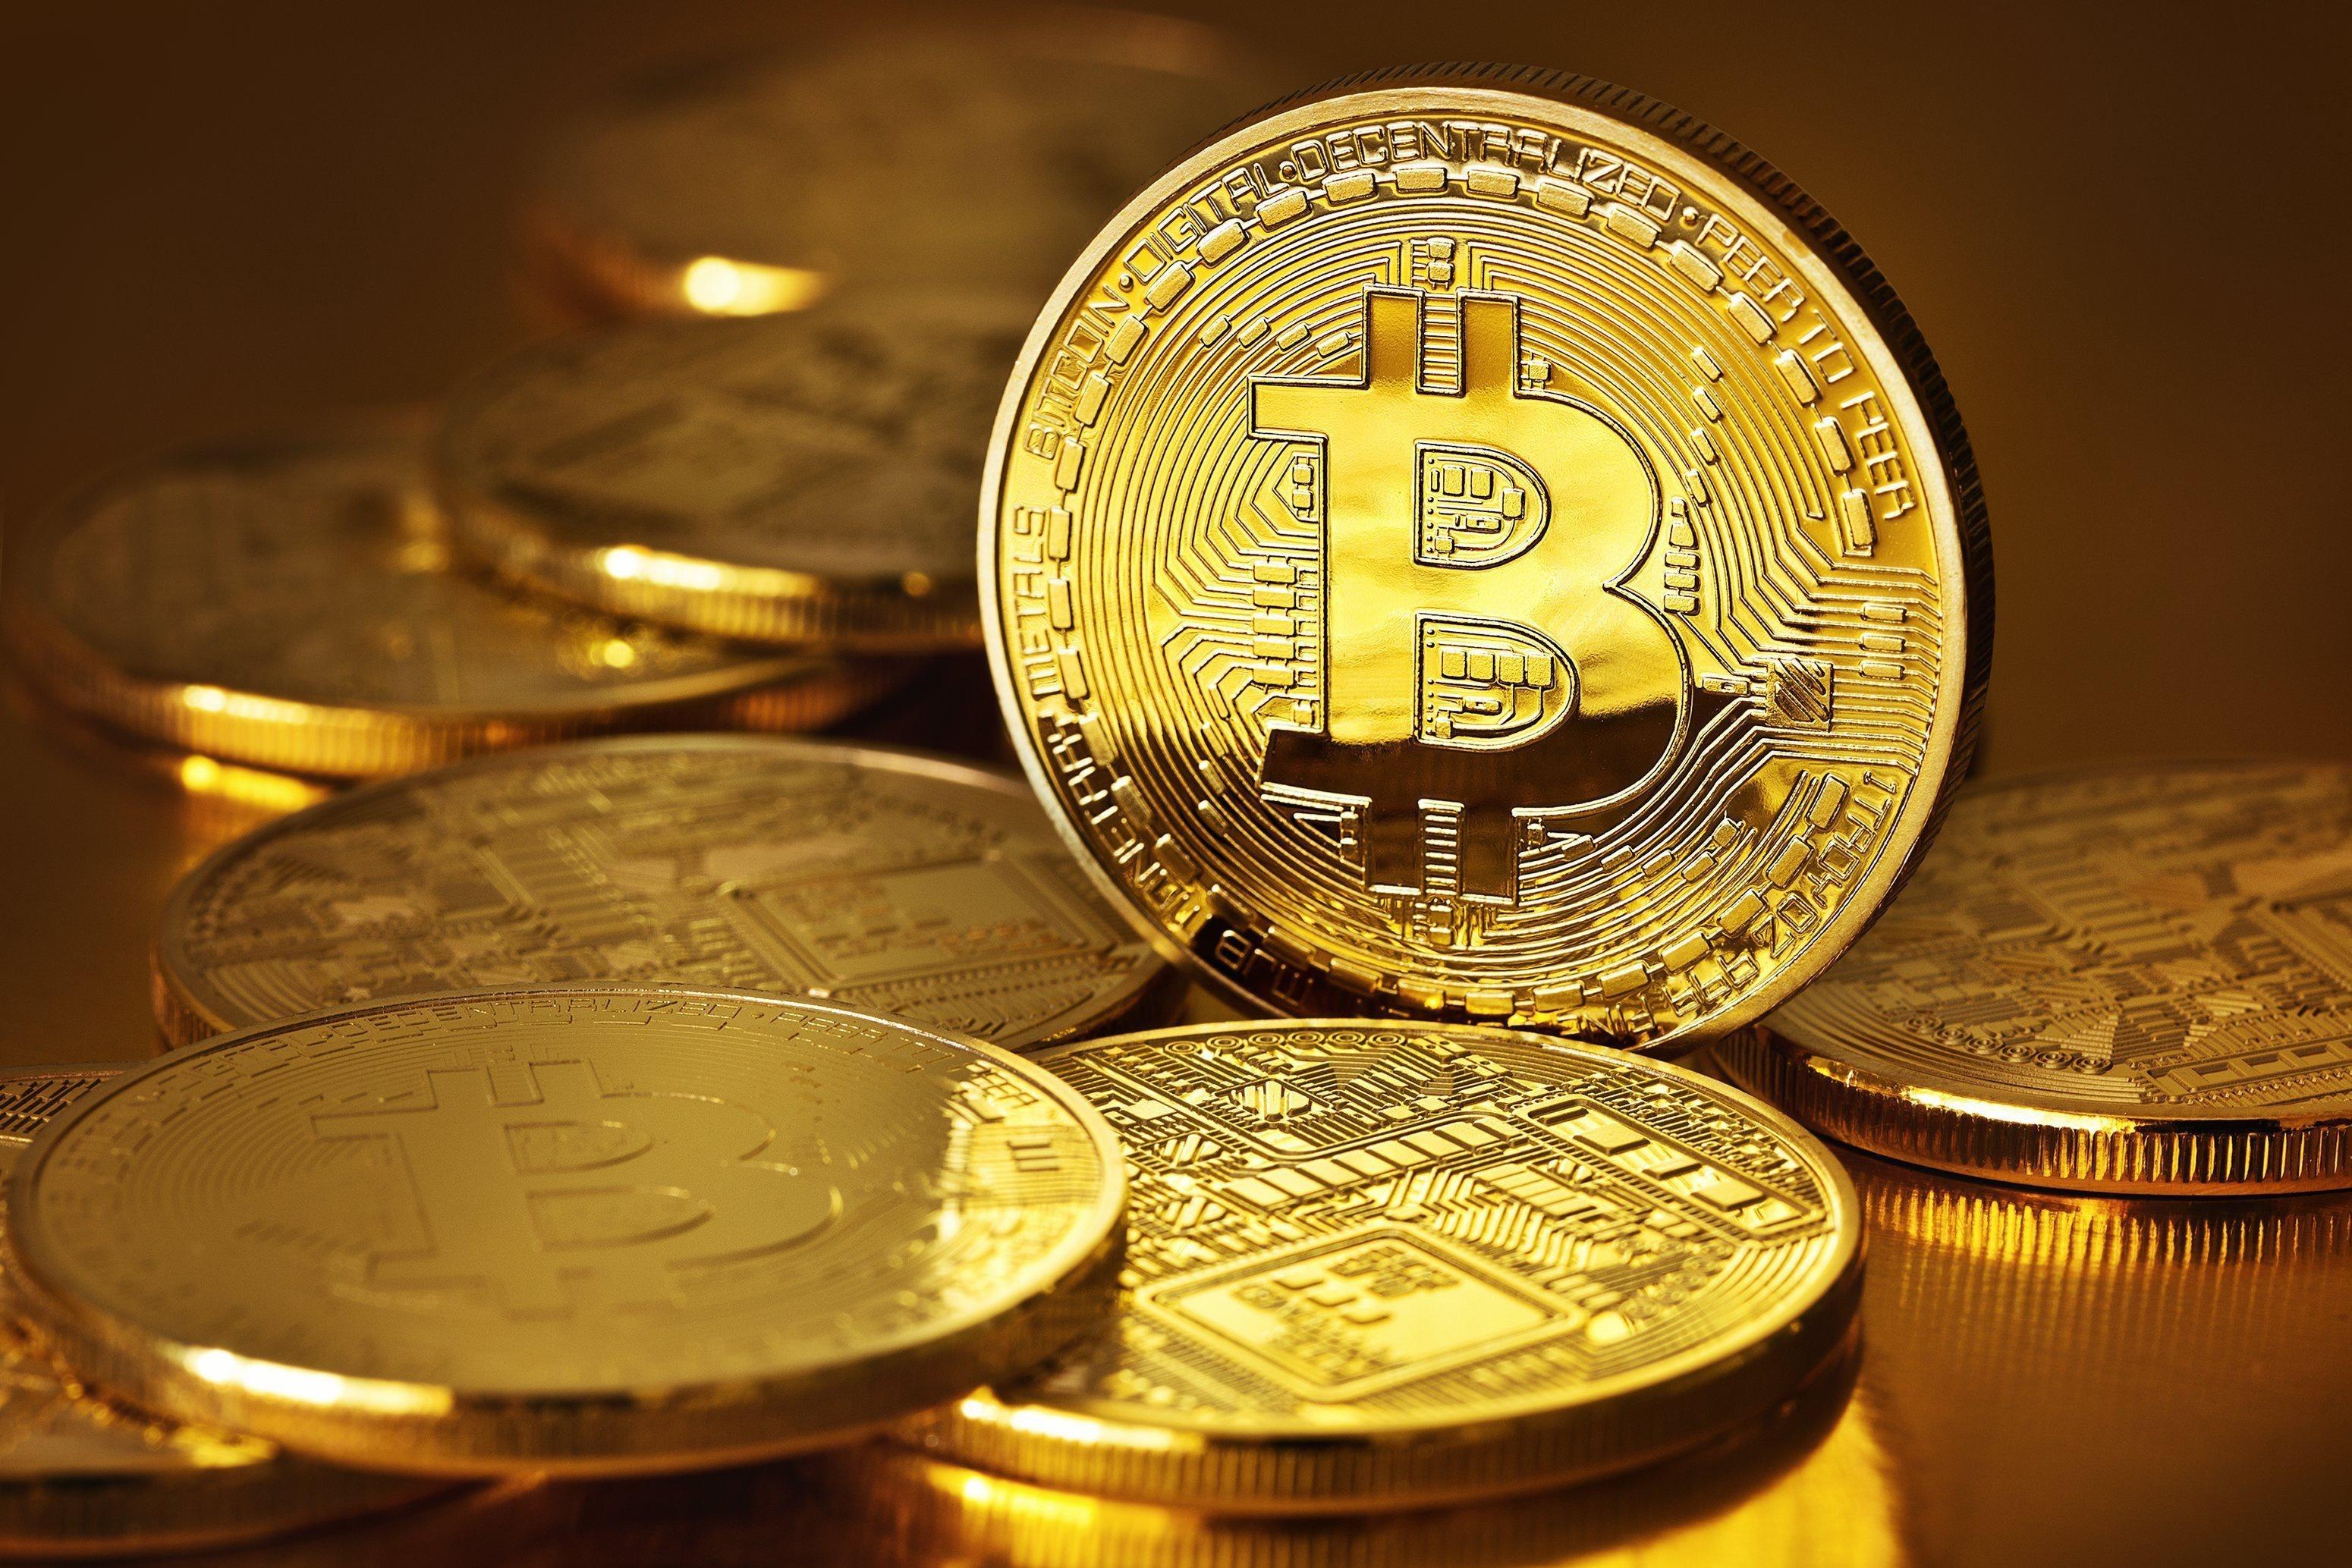 расположен картинки валюты биткоин предлагала только